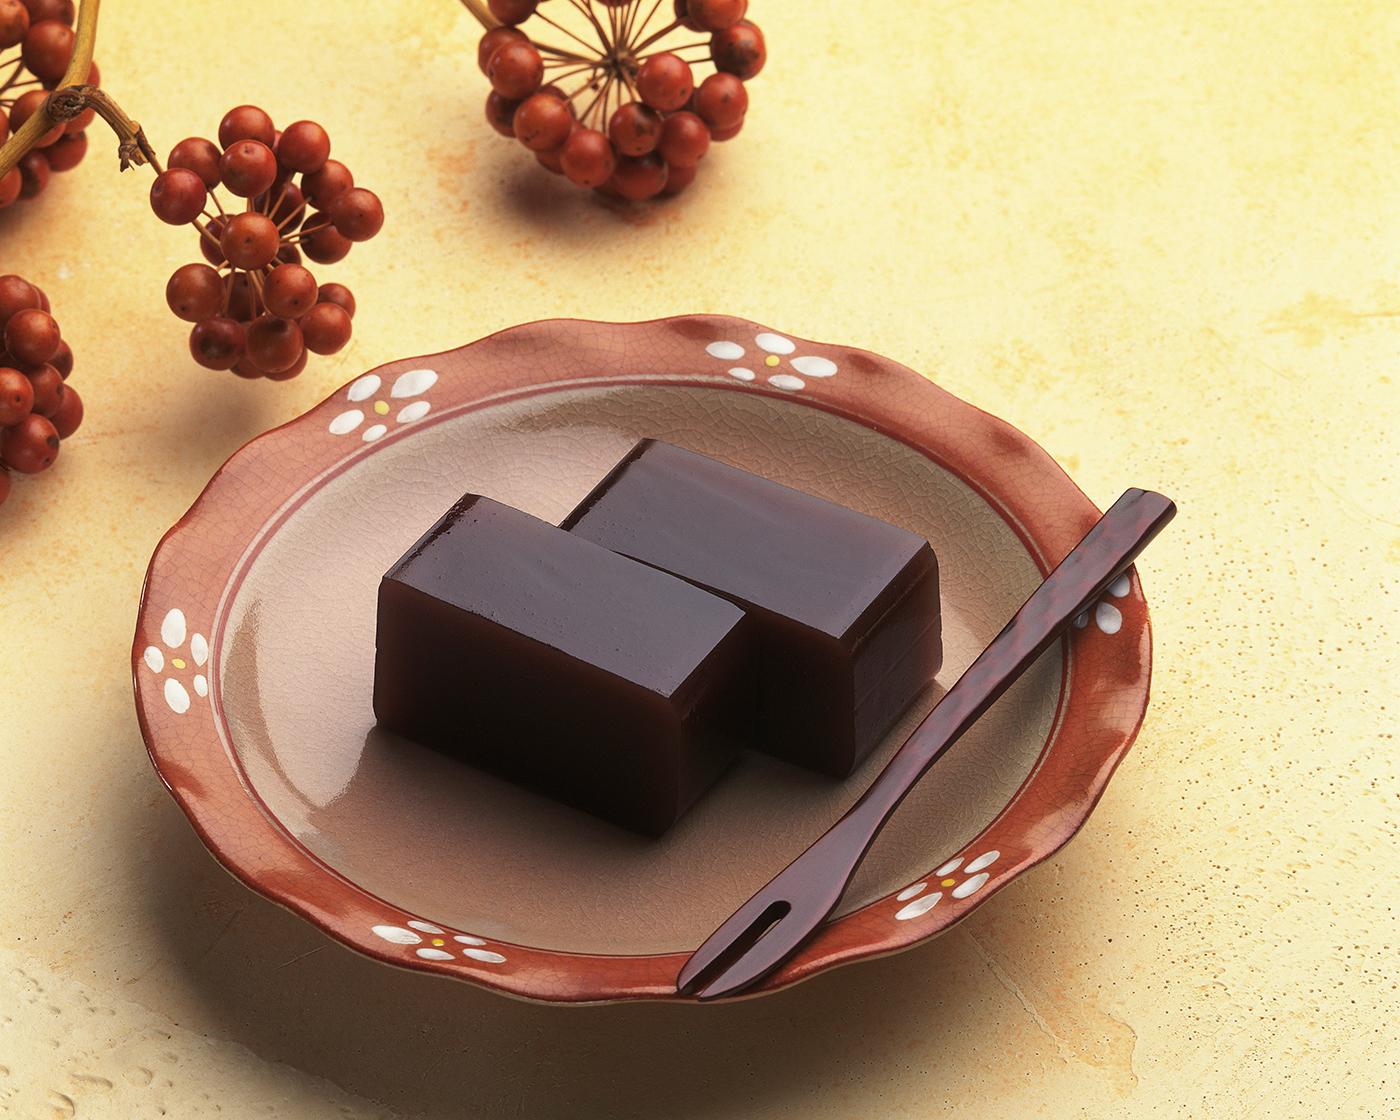 6년근 홍삼 팥양갱/홍삼농축액 6년근·국내산 팥 함유로 온 가족 건강 영양 간식 양갱(45g*18개) 상세이미지3